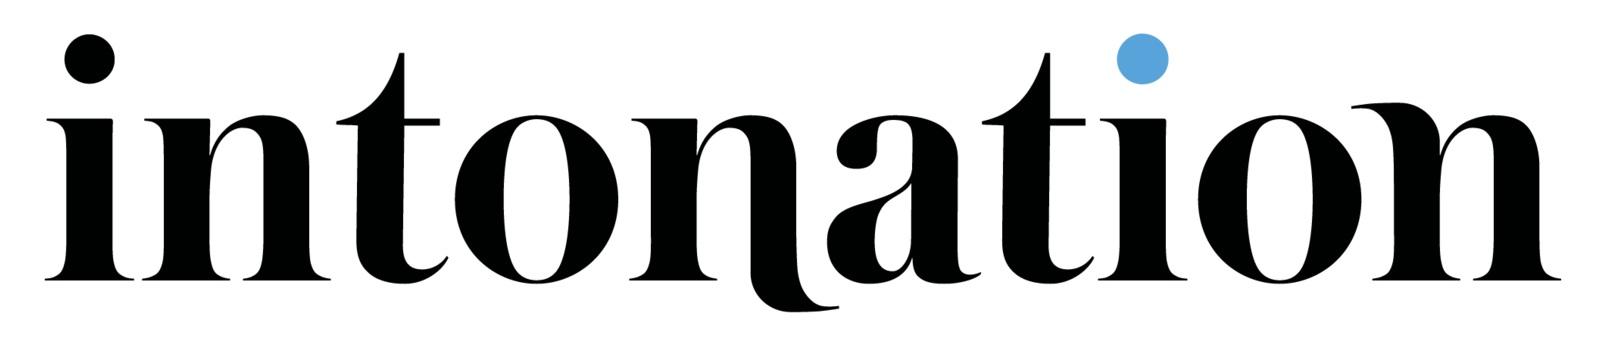 intonation_logo_BLACK-02.jpg